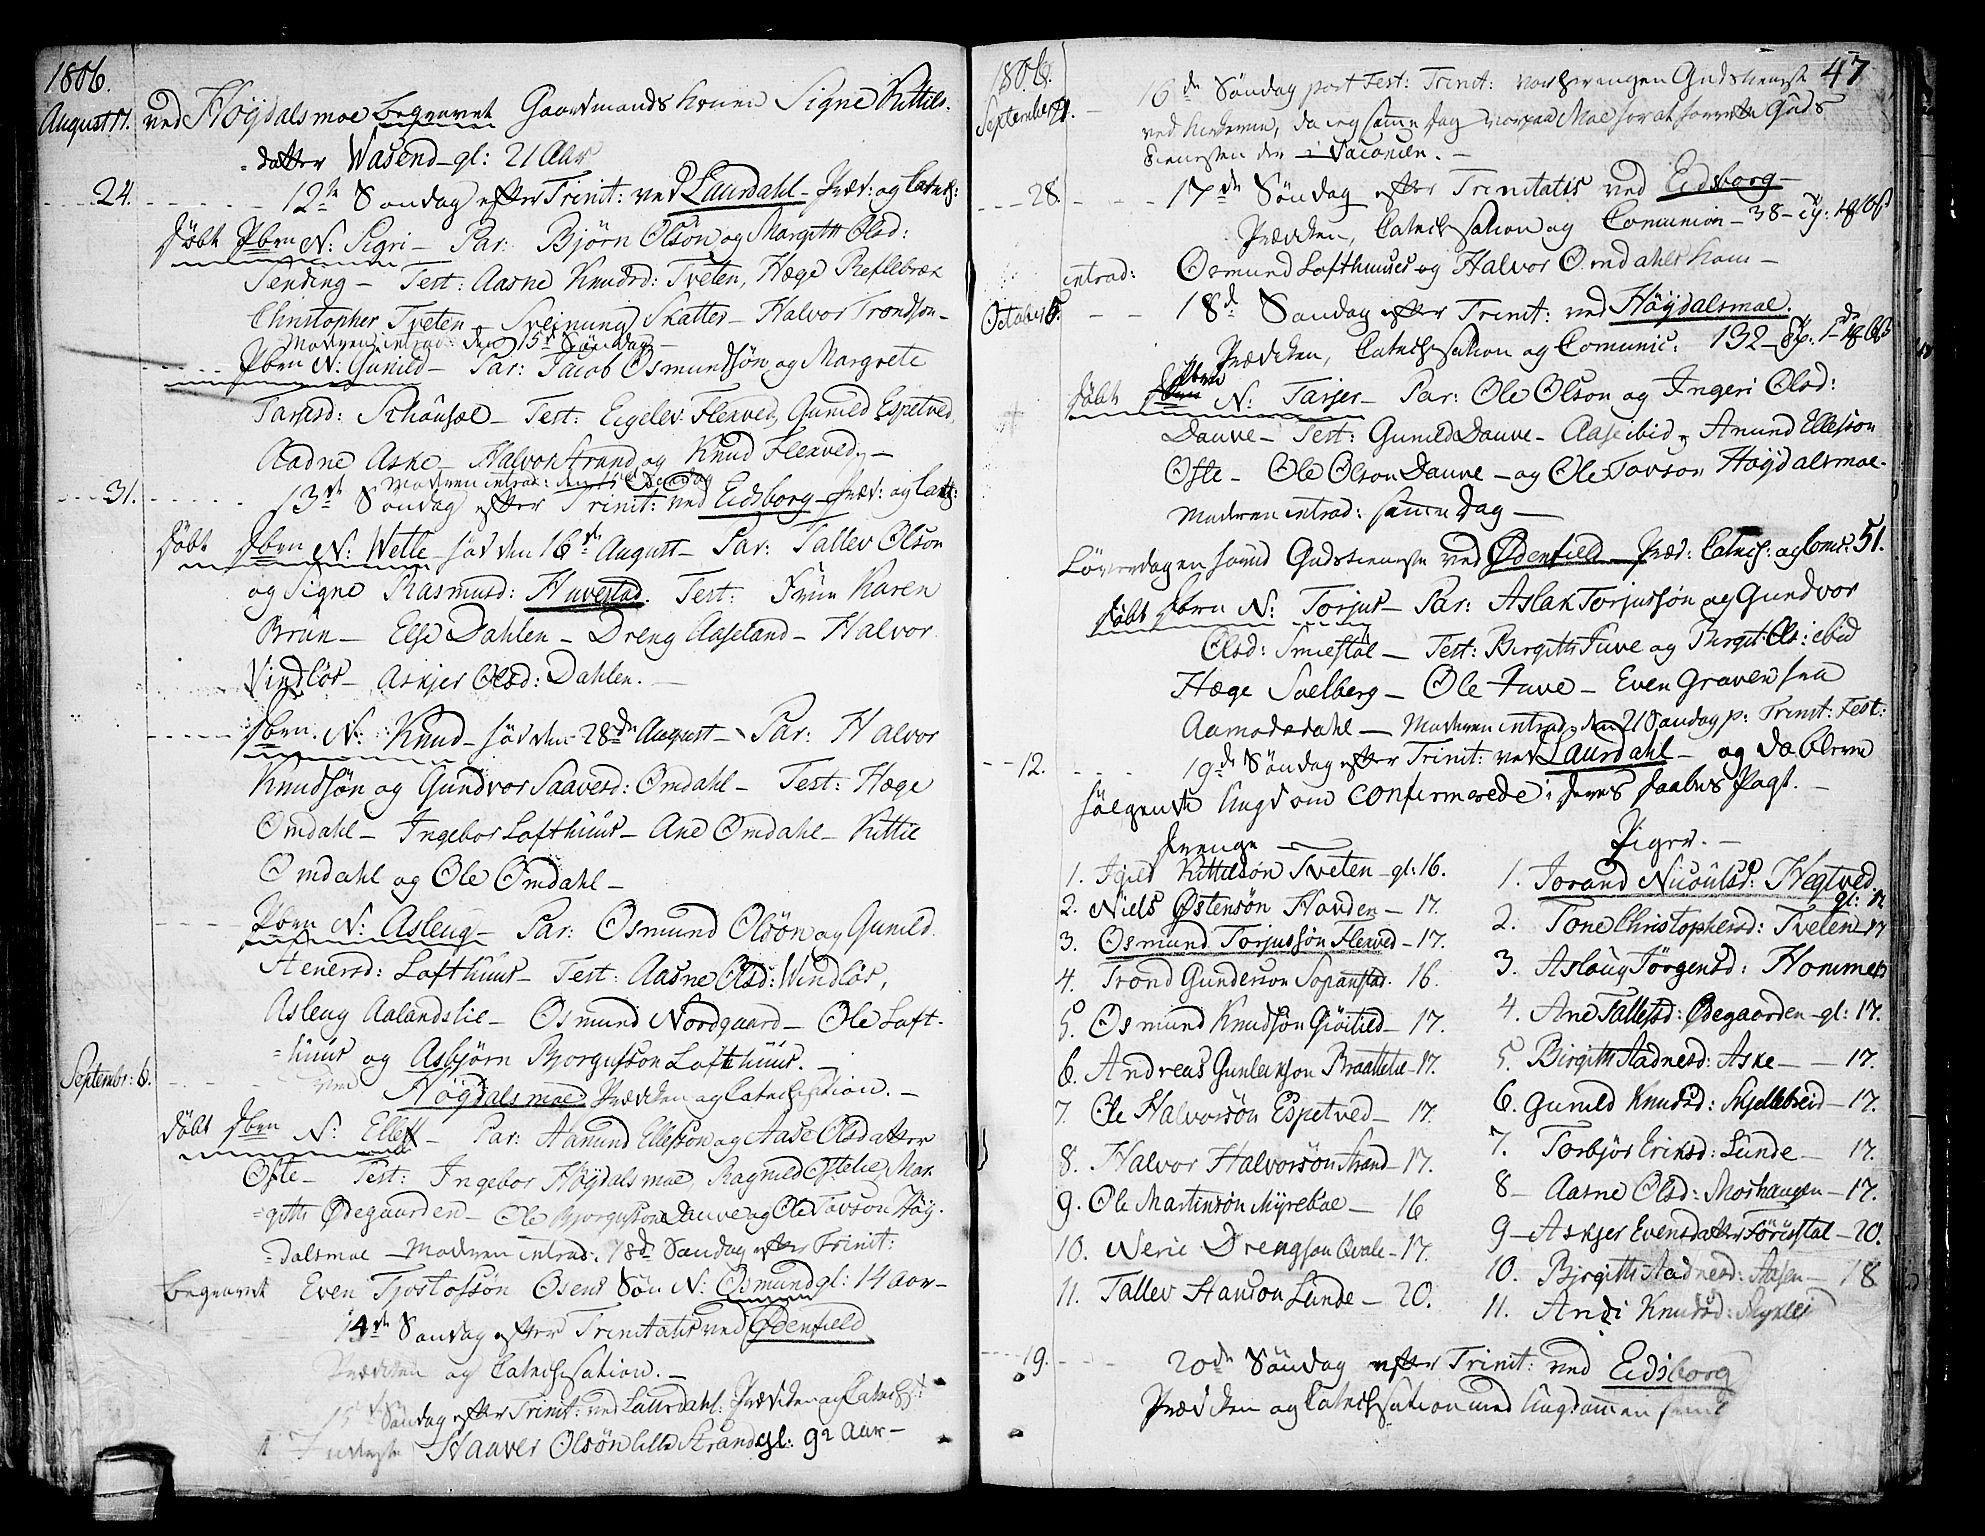 SAKO, Lårdal kirkebøker, F/Fa/L0004: Ministerialbok nr. I 4, 1790-1814, s. 47